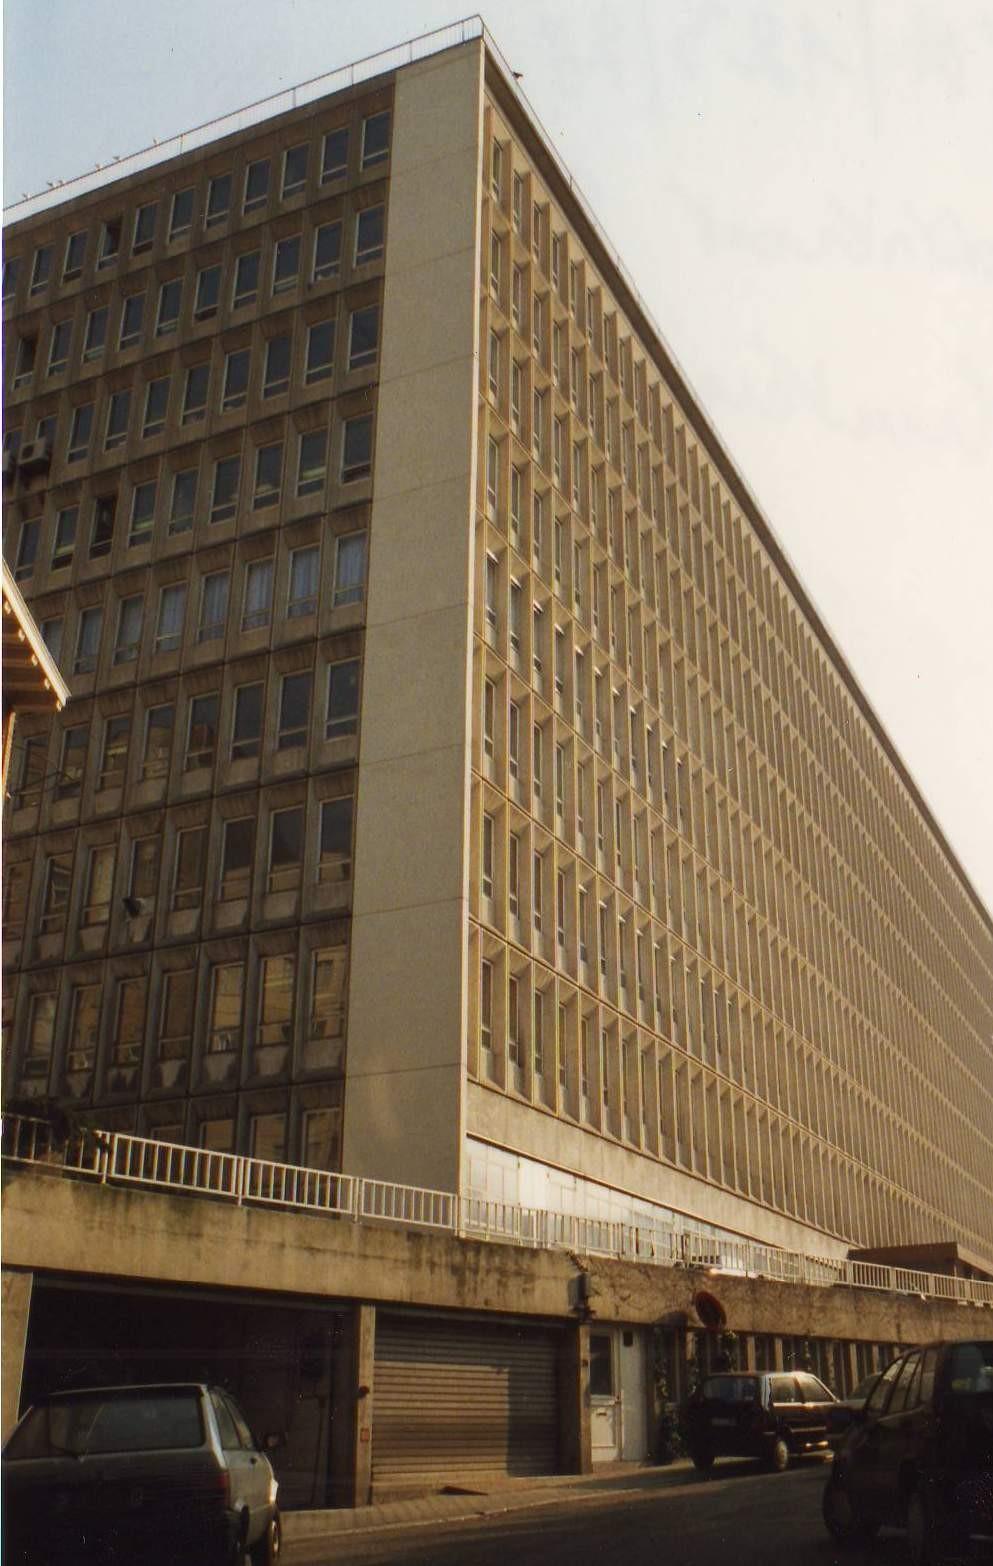 Rue Demot, bâtiment du ministère des Affaires économiques conçu en 1964., 1994